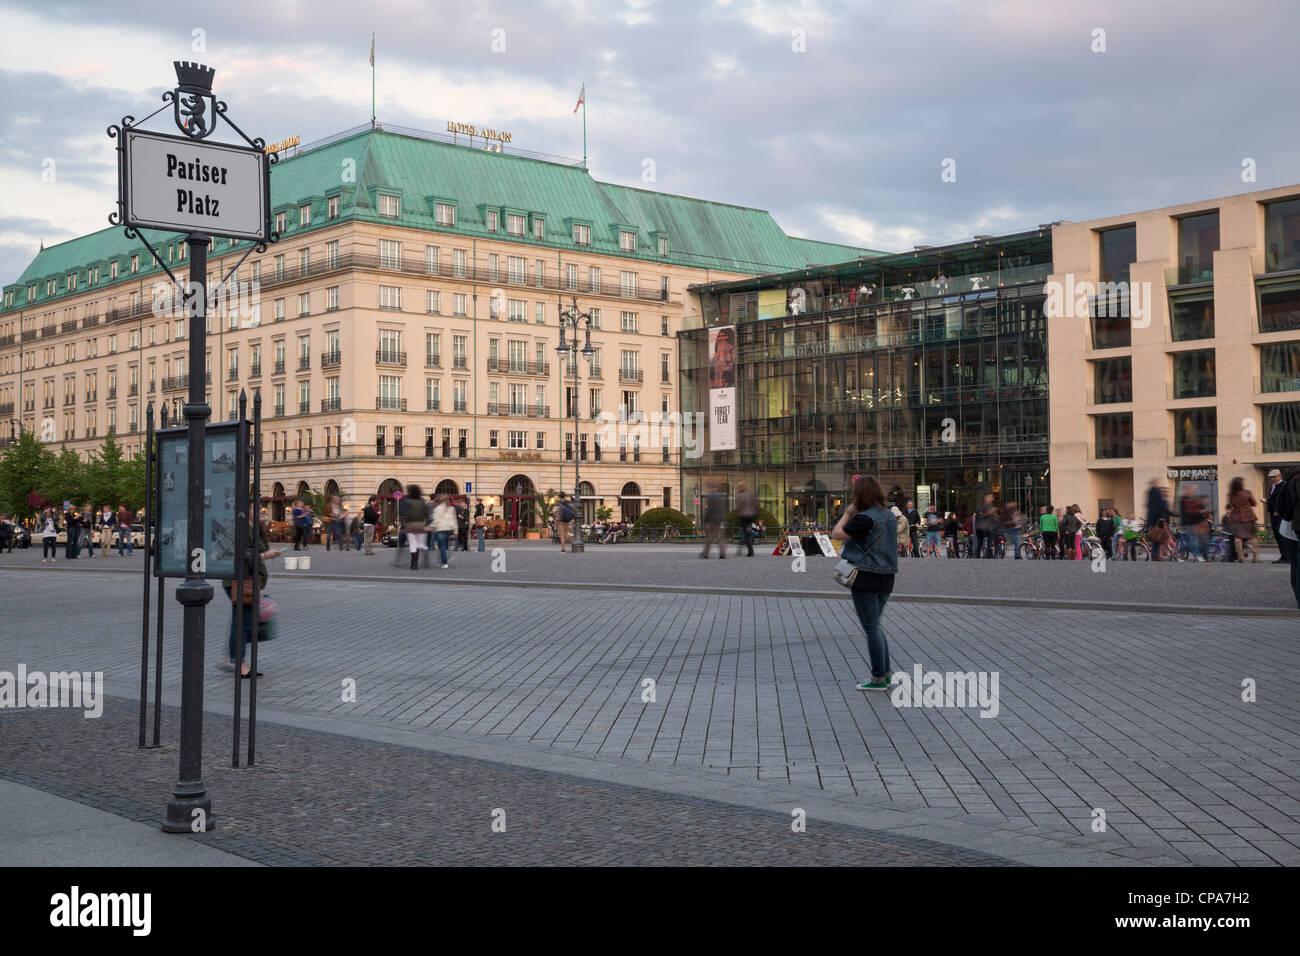 Pariser Platz mit Hotel Adlon und Akademie der Kunste, Berlin, Deutschland Stockfoto